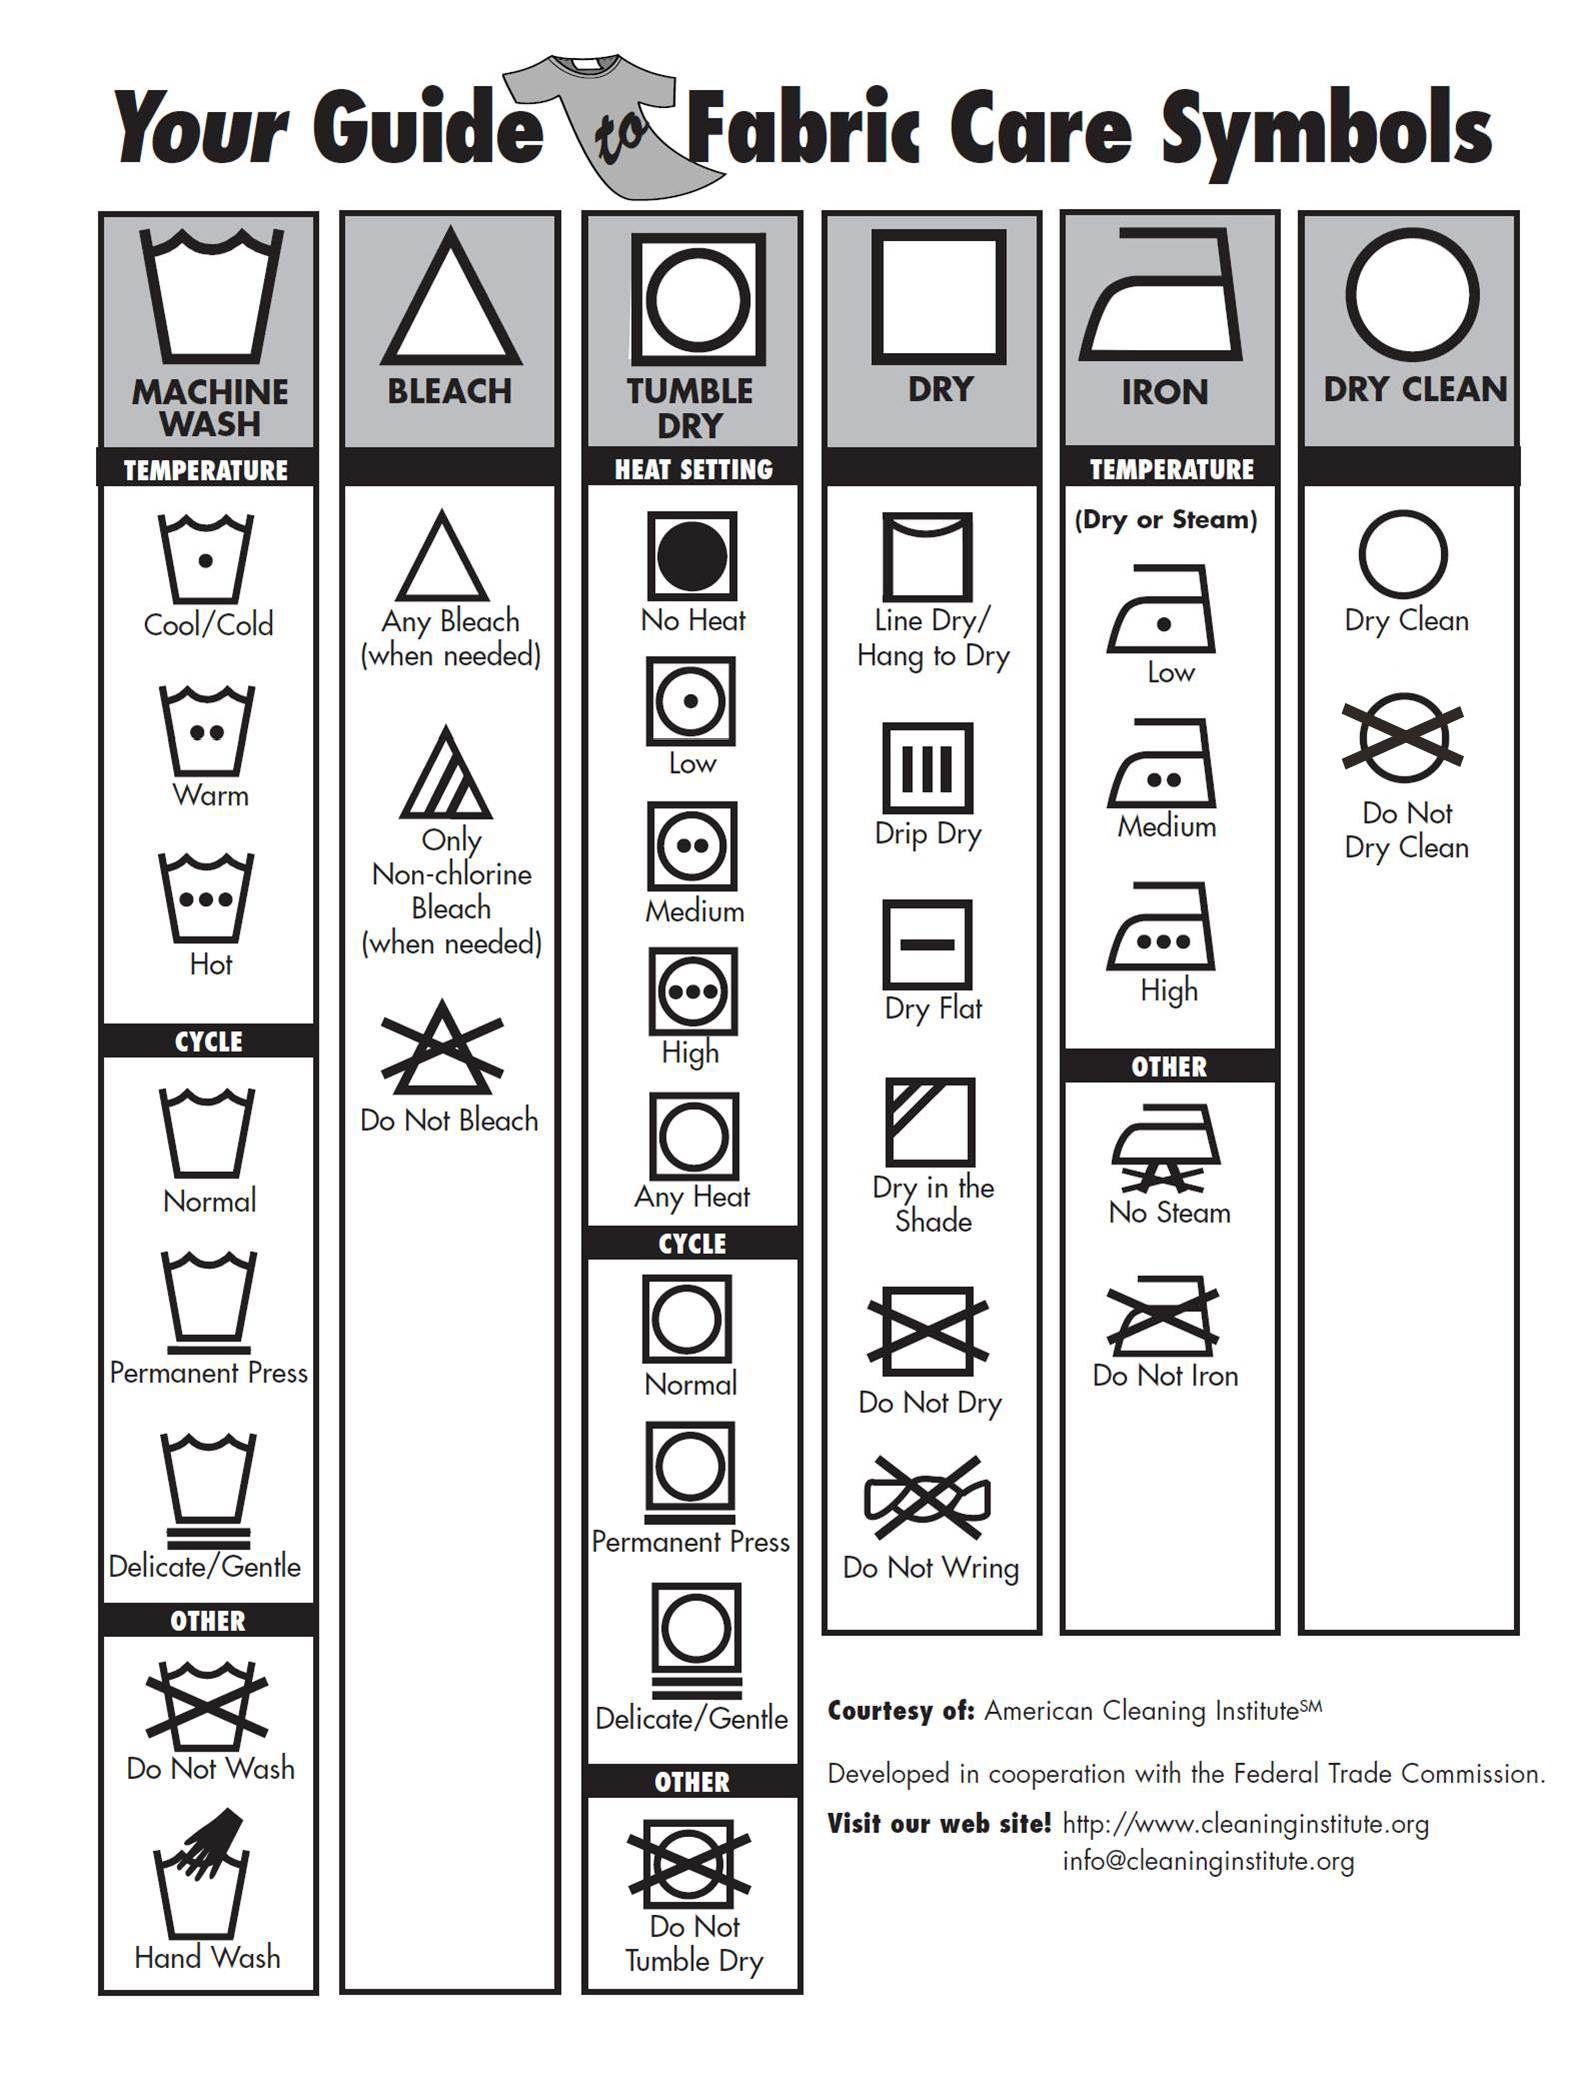 Fabric Care Symbols Textile Abbreviations   KOTHEA